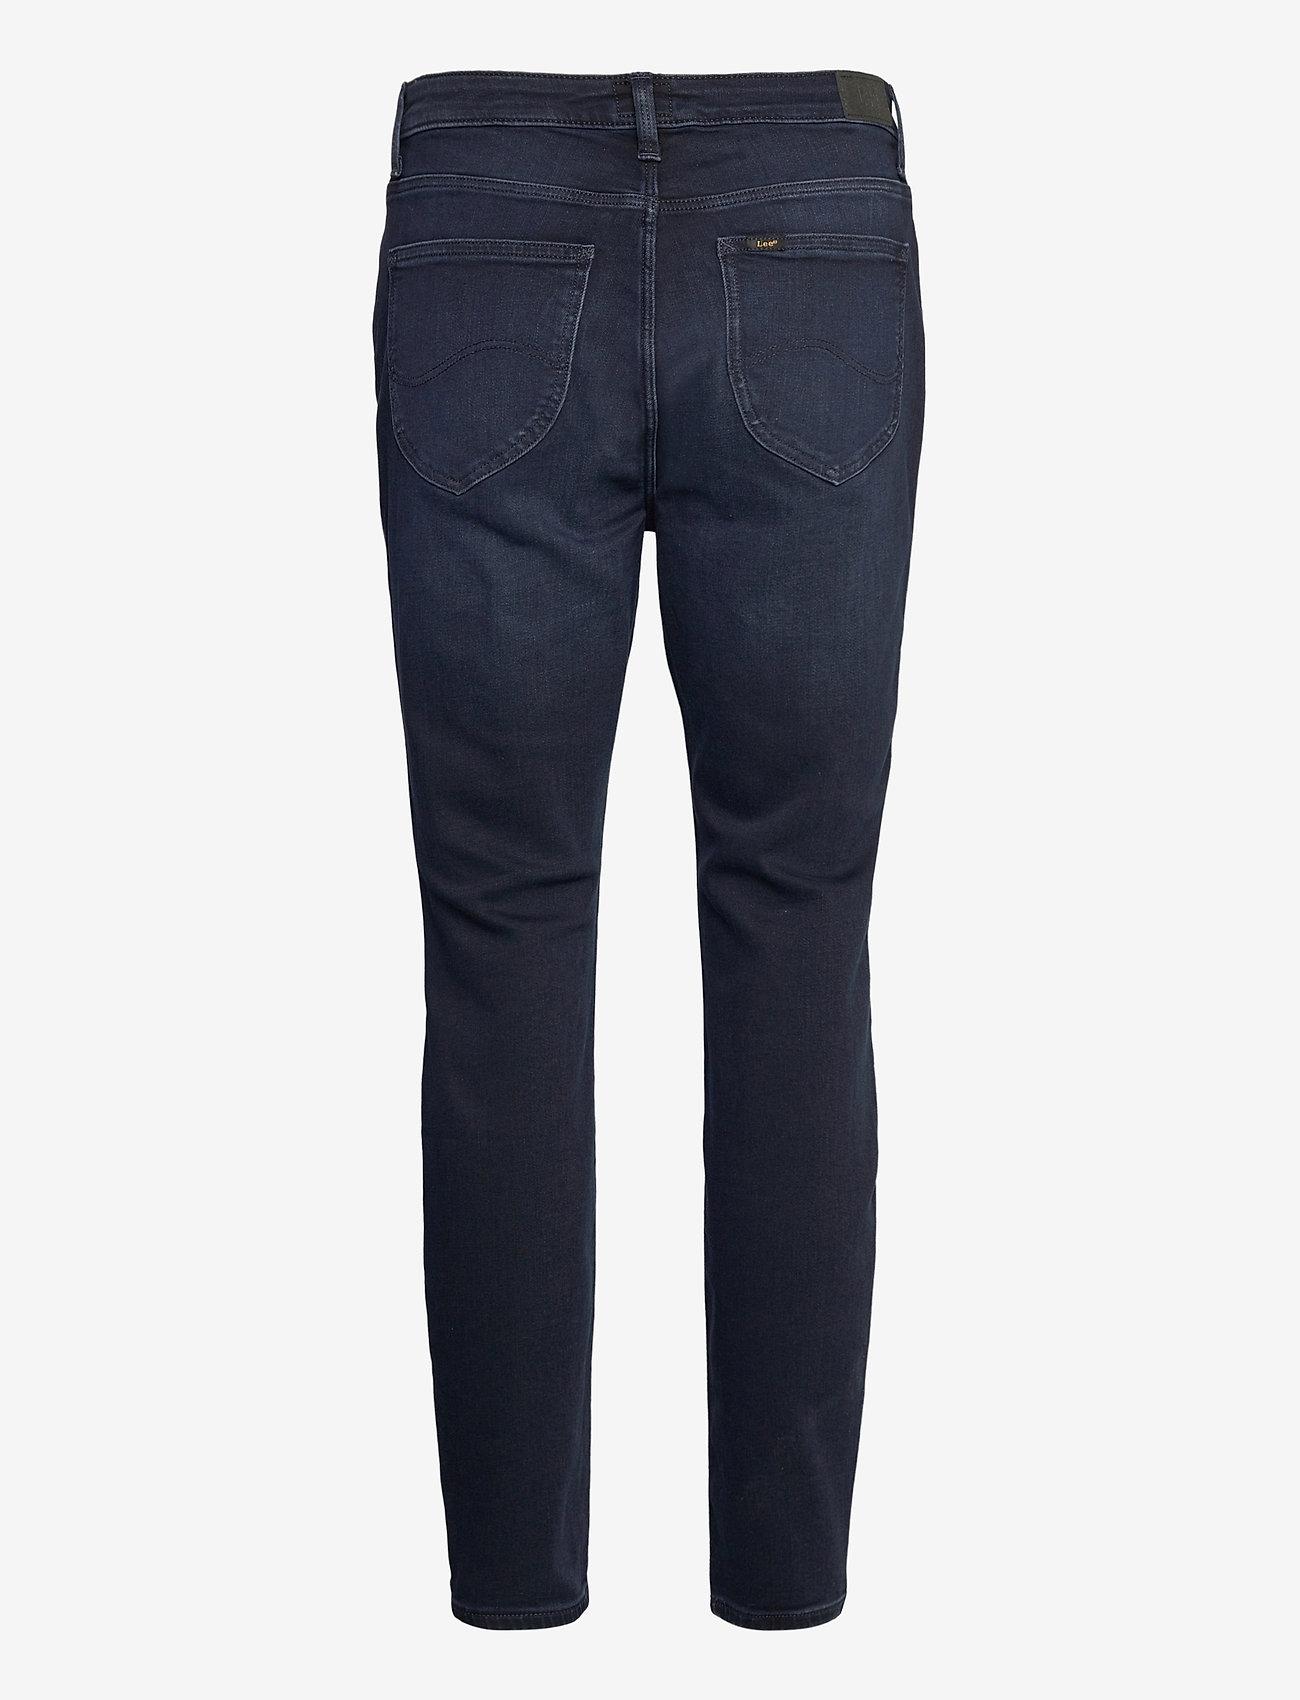 Lee Jeans - SCARLETT HIGH - skinny jeans - worn ebony - 1